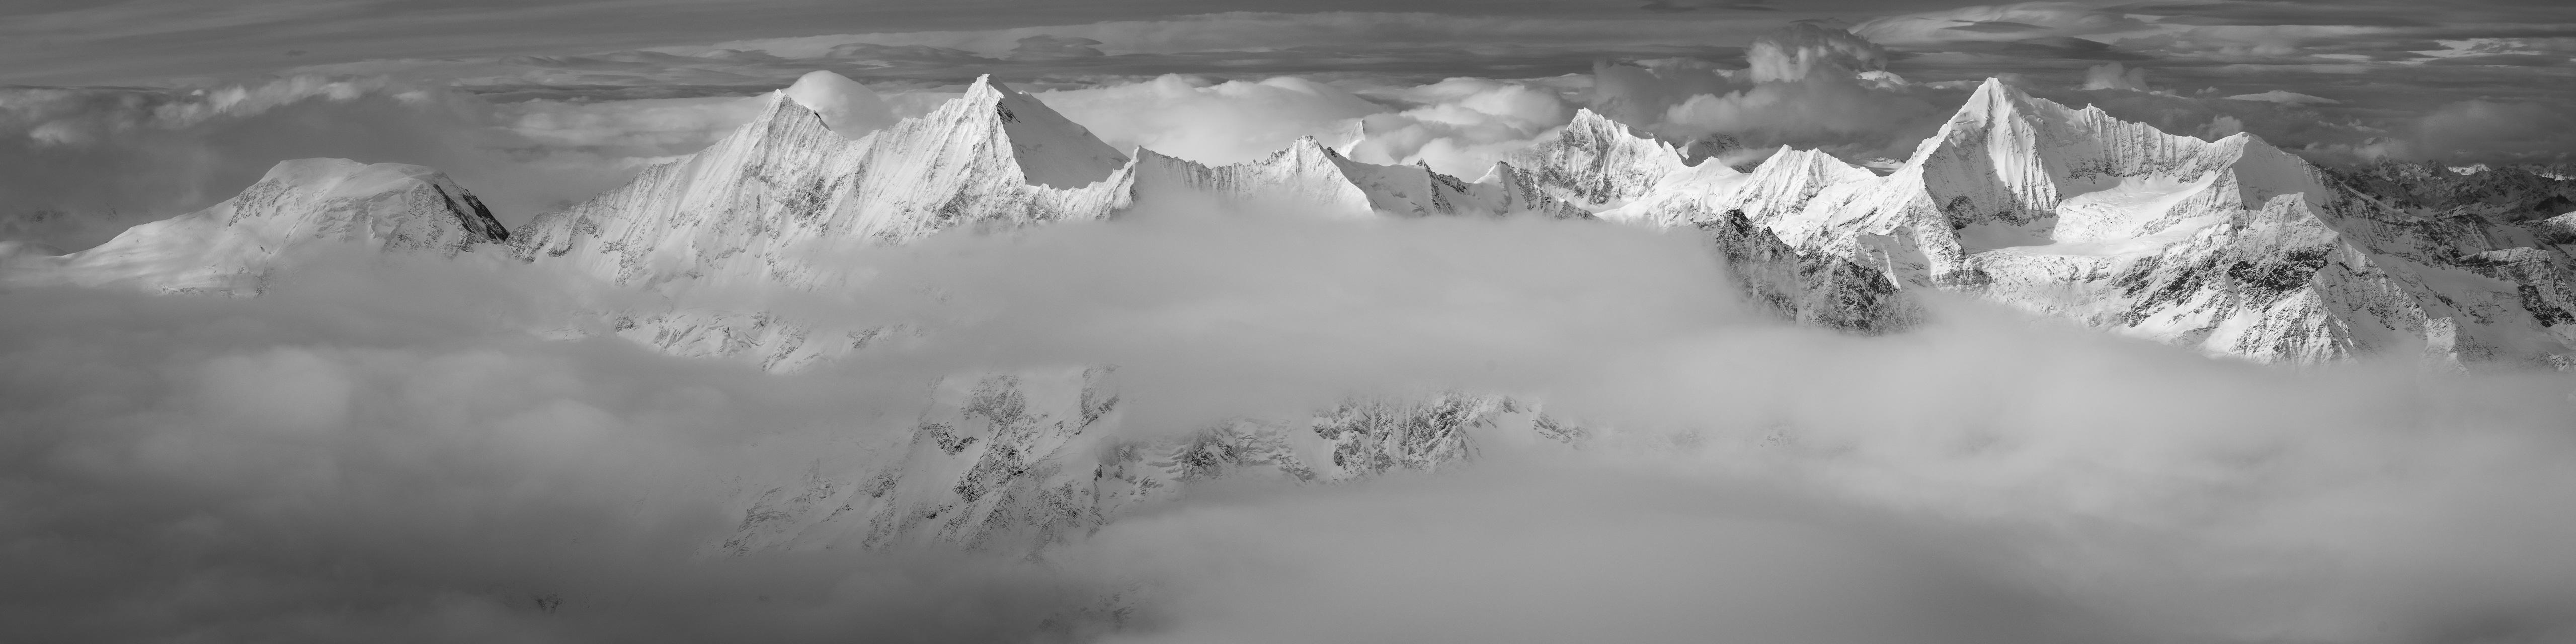 poster panoramique montagne 4000s de Saas Fee et de Zermatt dans une mer de nuage - vallée de l'Engadine